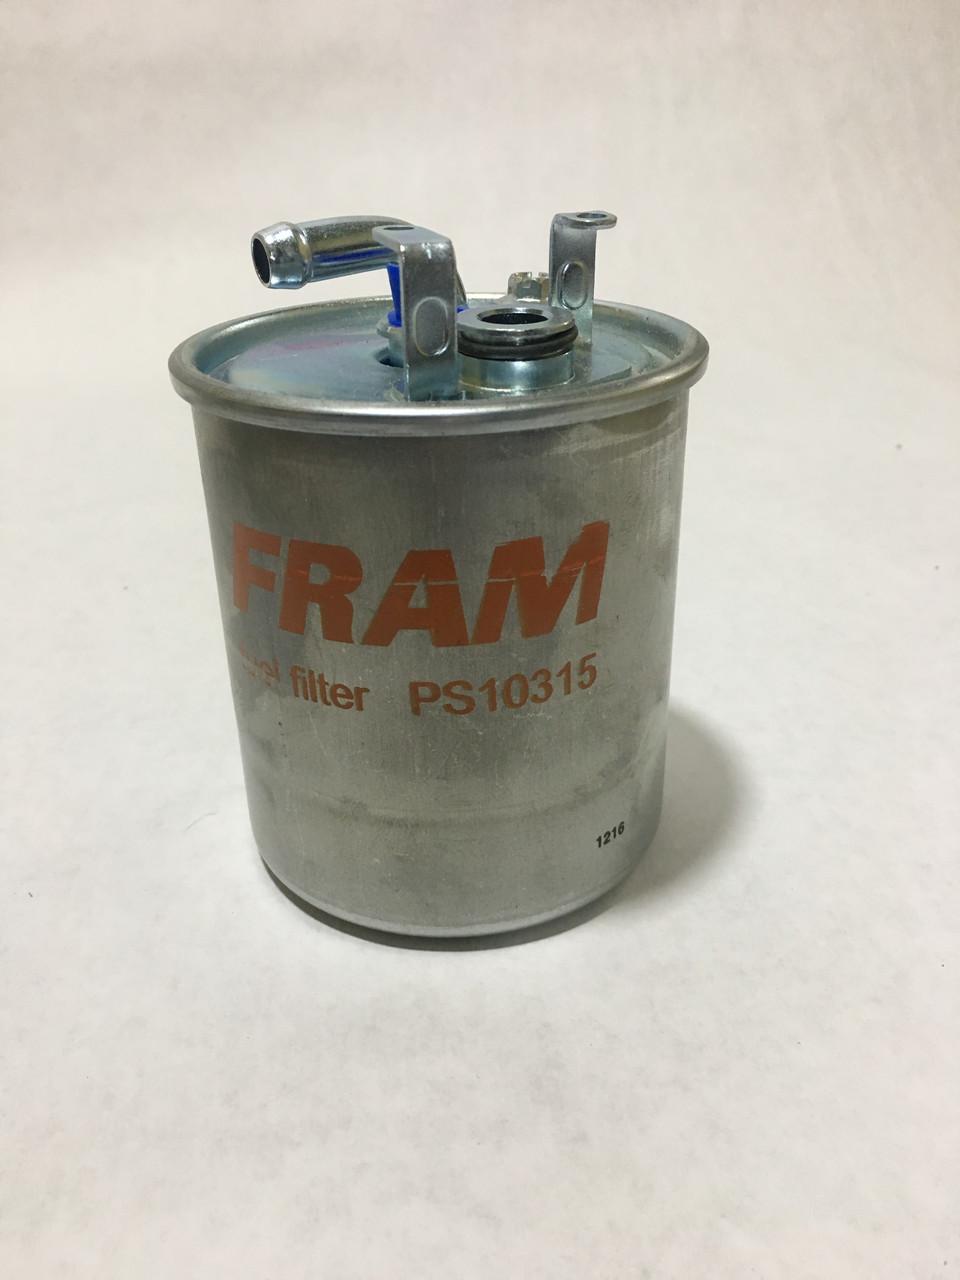 Фильтр топливный FRAM - PS10315(Mercedes Sprinter)